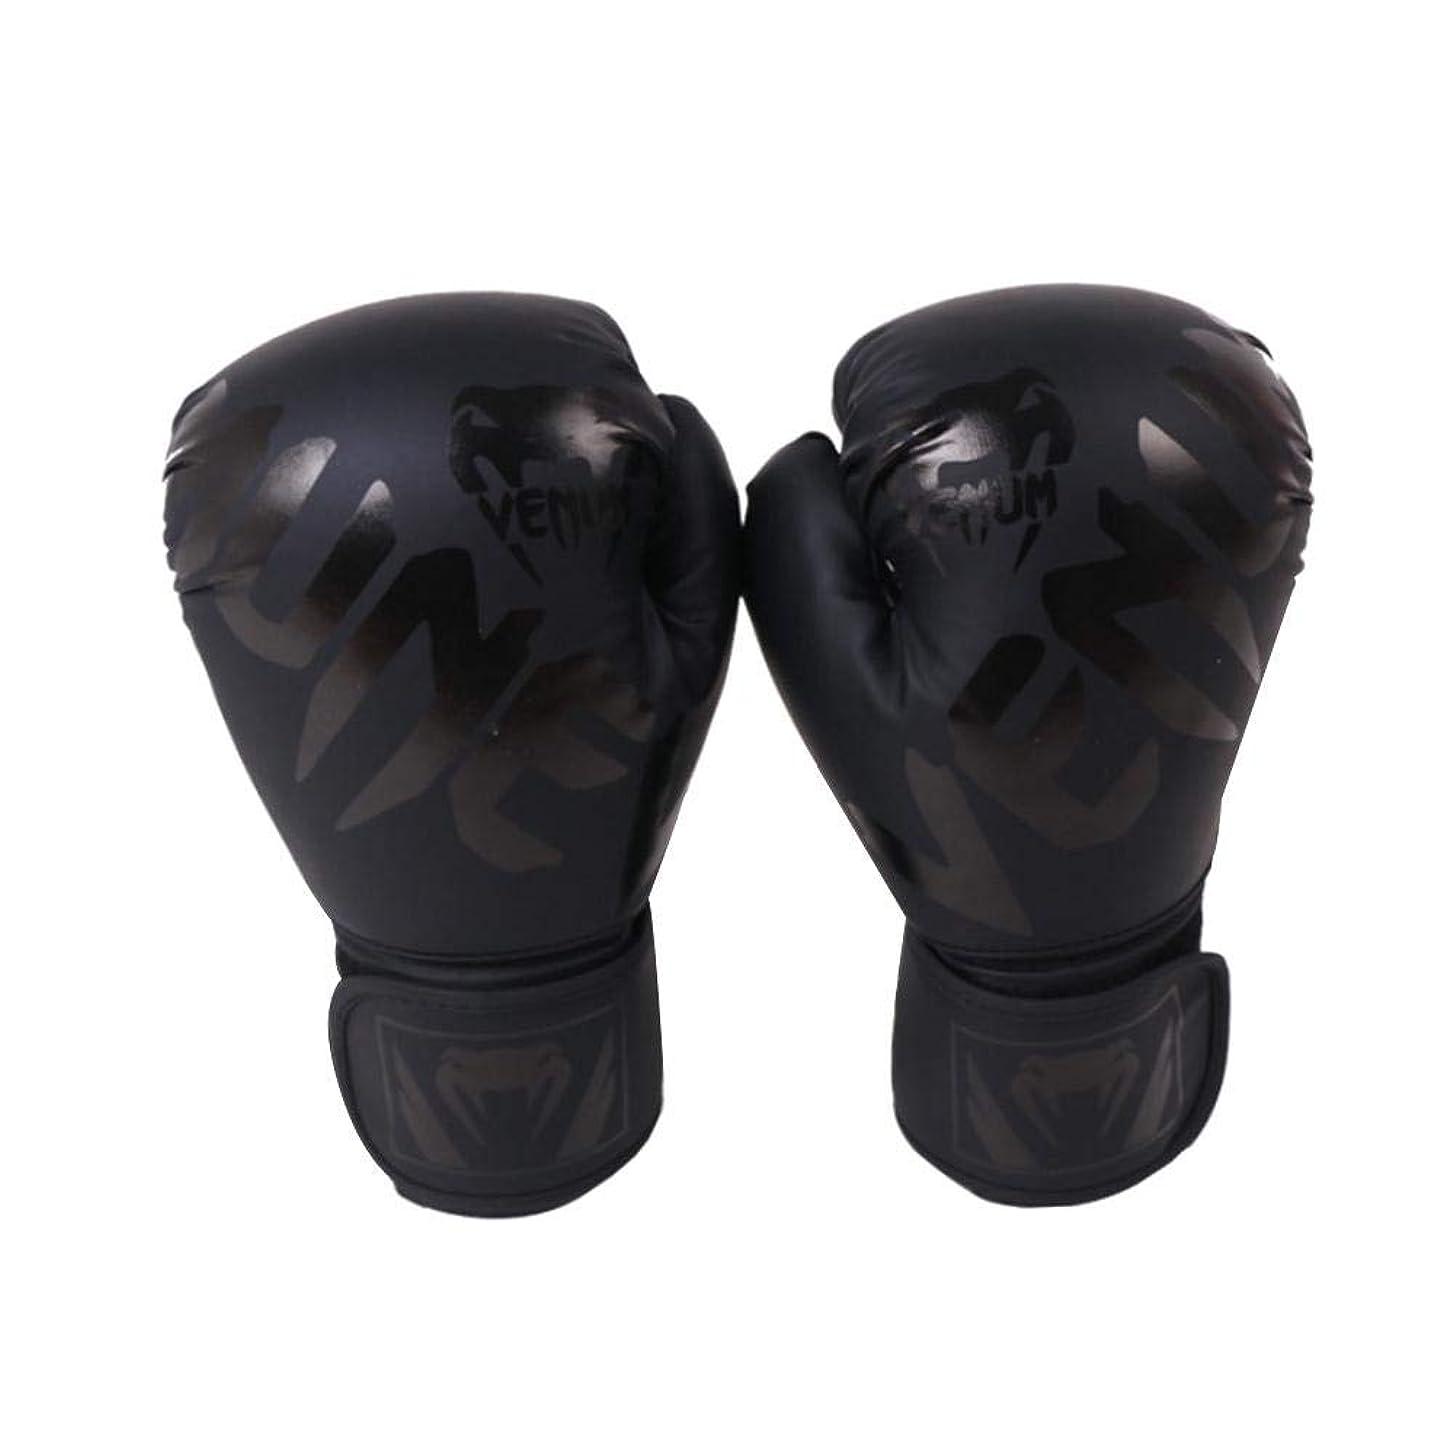 爬虫類名前を作る急降下feileng ボクシンググローブ ?パンチンググローブ キックボクシング 格闘技 空手 ミット pu素材 優れた通気性 スパーリング キックボクシング トレーニング 初心者 上級者 大人用 男女兼用